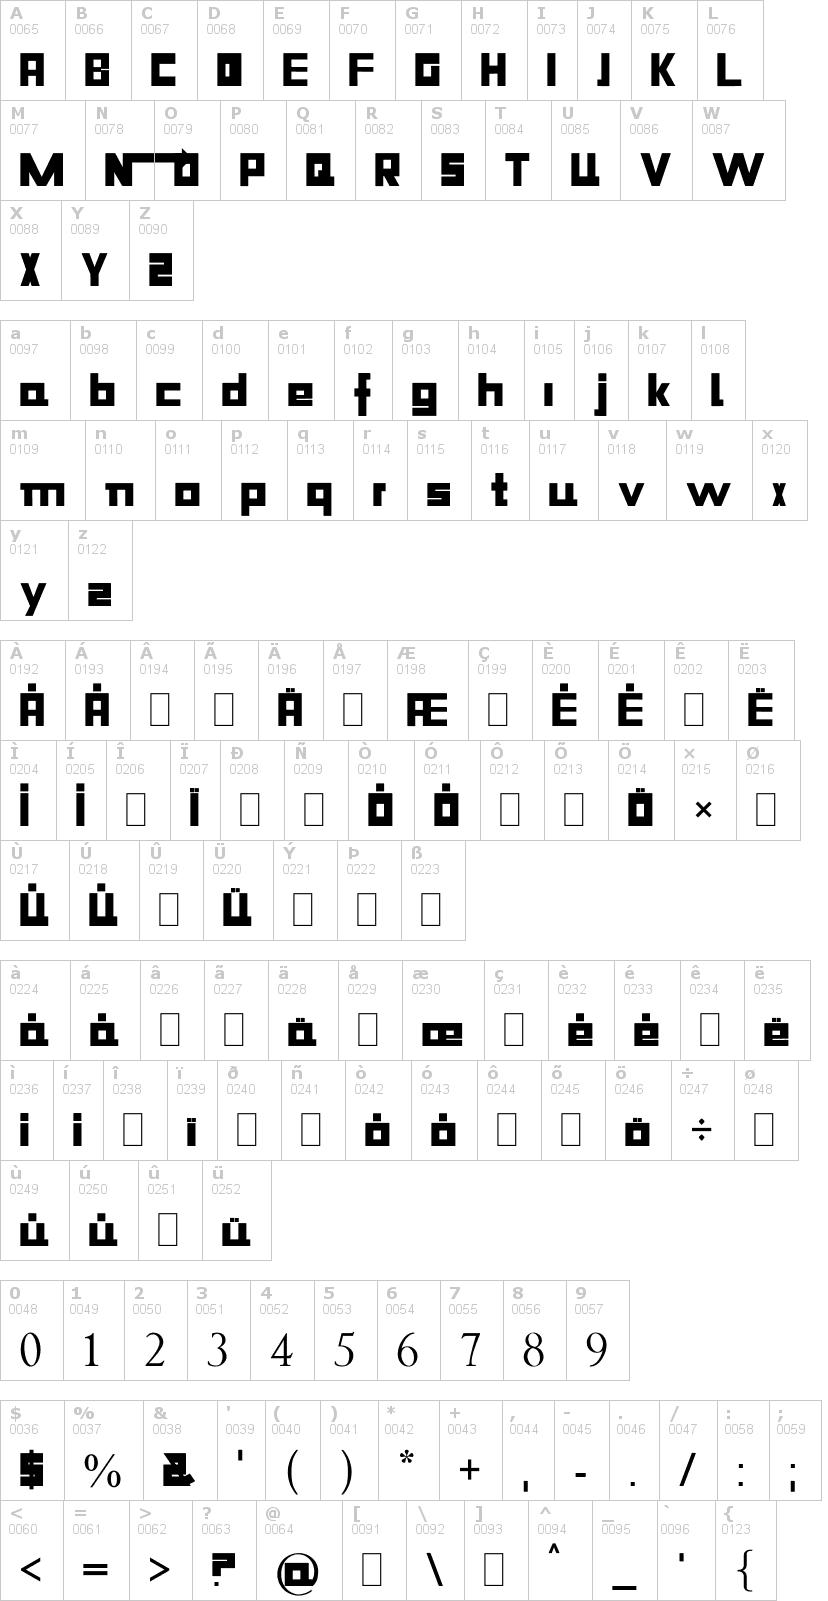 Lettere dell'alfabeto del font niiiii-trous con le quali è possibile realizzare adesivi prespaziati